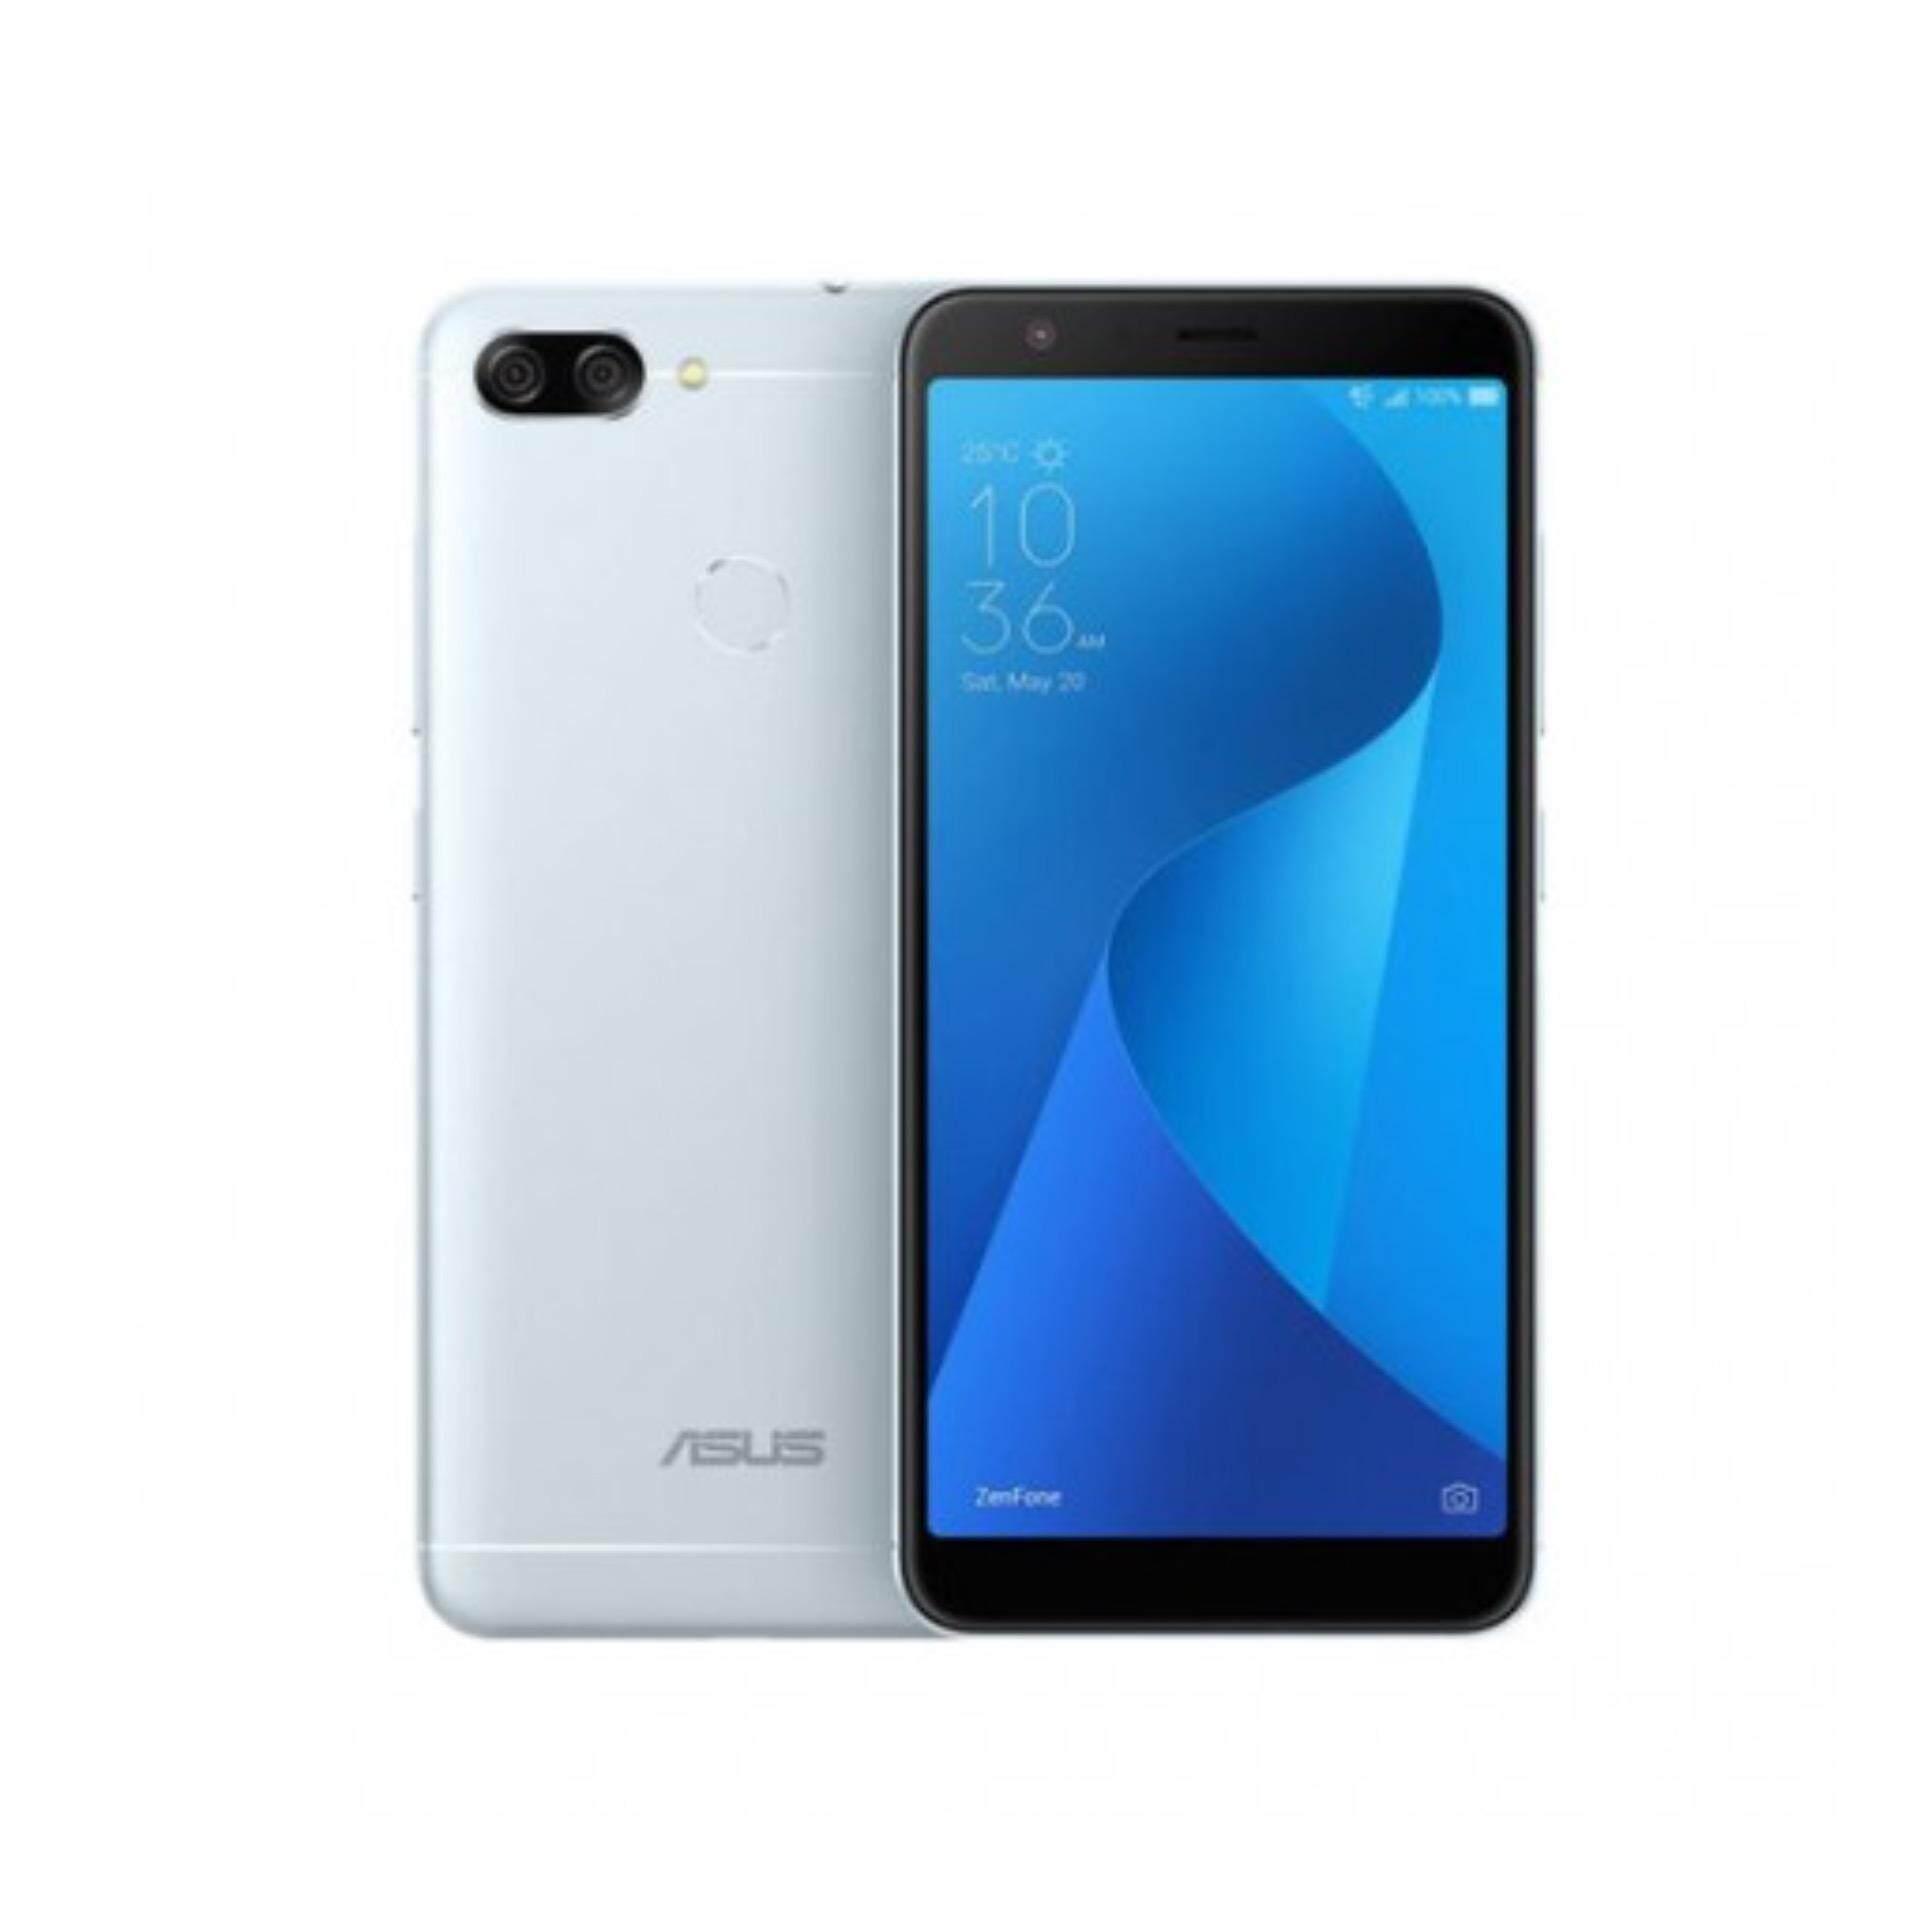 ขาย Asus Zb570Tl Zenfone Max Plus M1 เอซุส จอ5 7นิ้ว Ram4Gb Rom32Gb แถมเคส ฟิล์ม